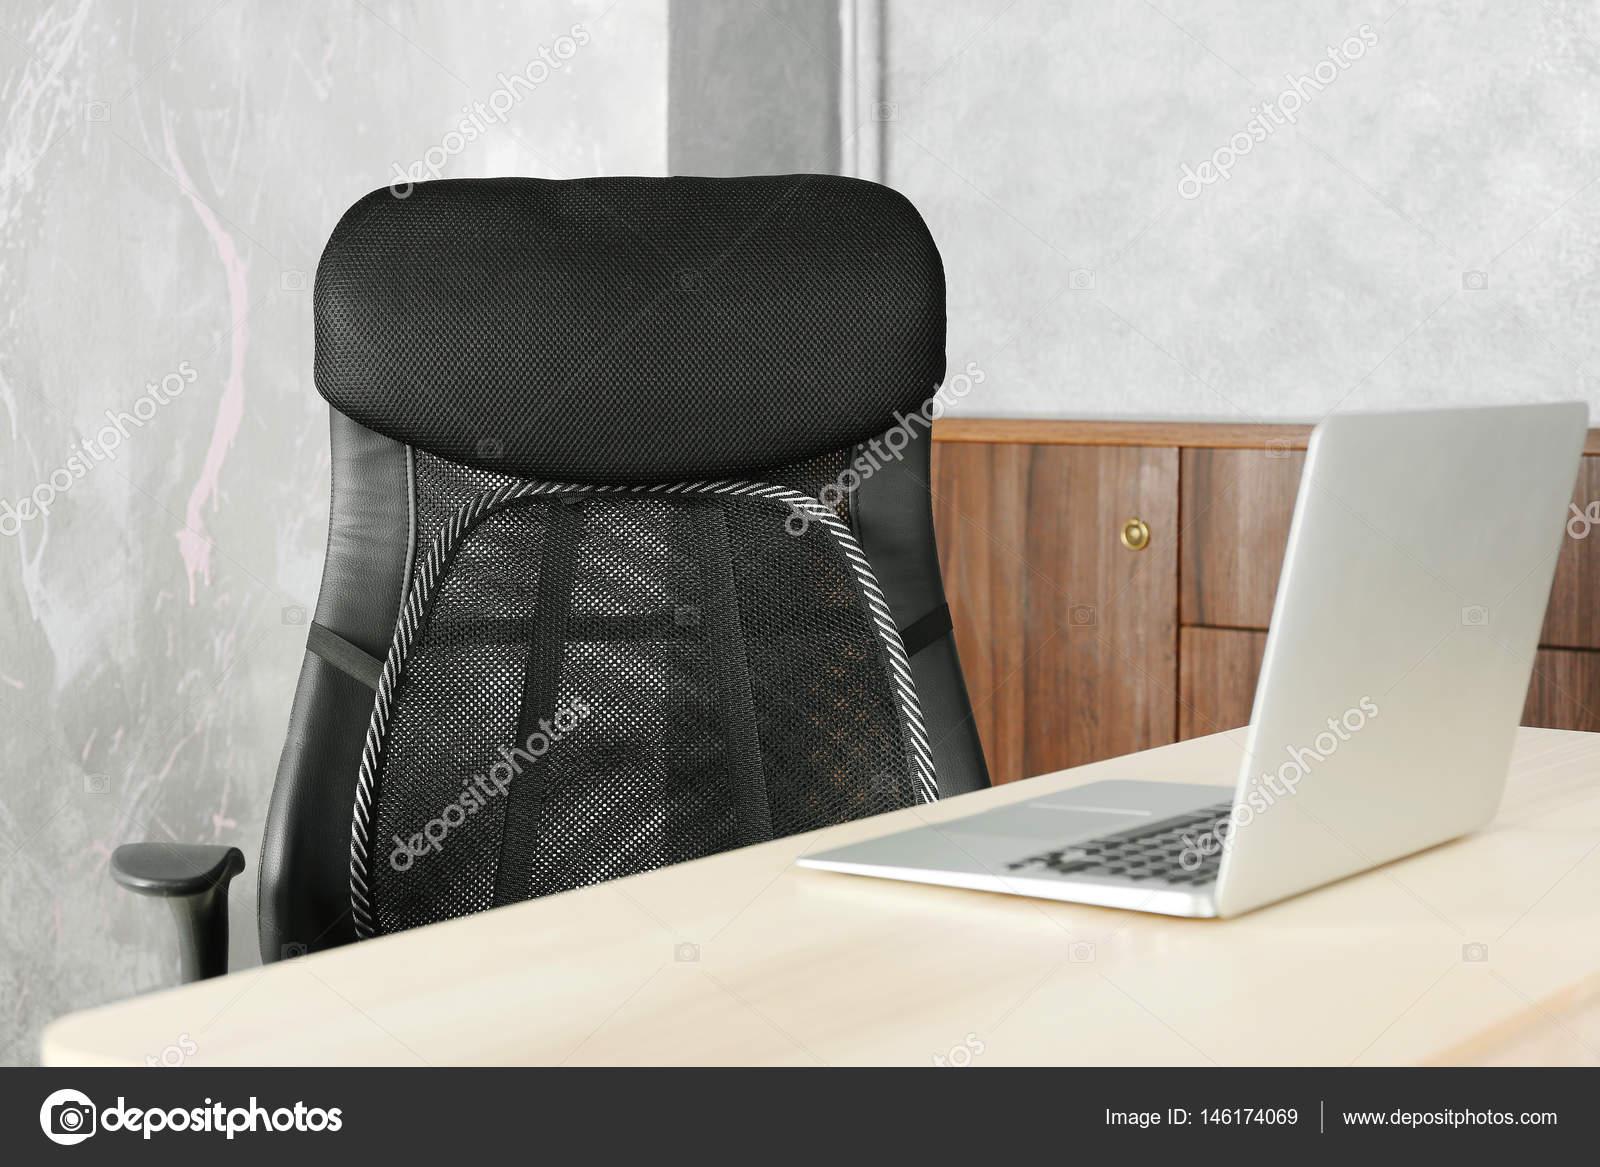 Gaas Het Interieur : Bureaustoel met gaas voor rugondersteuning u stockfoto